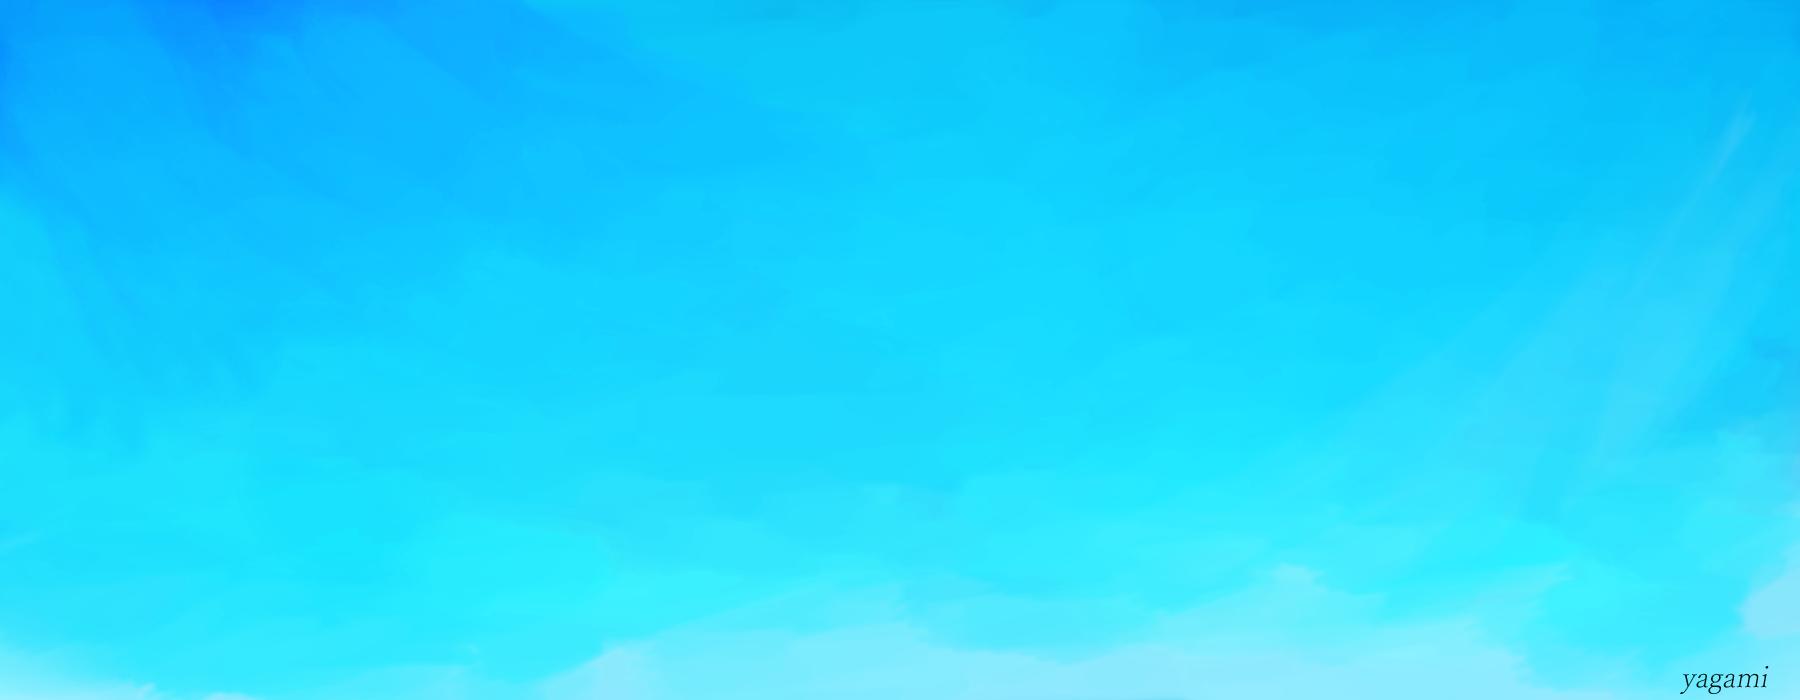 雲と海賊船 Illust of 八神 奏 Post_Multiple_Images_Contest original blue star background sky clouds